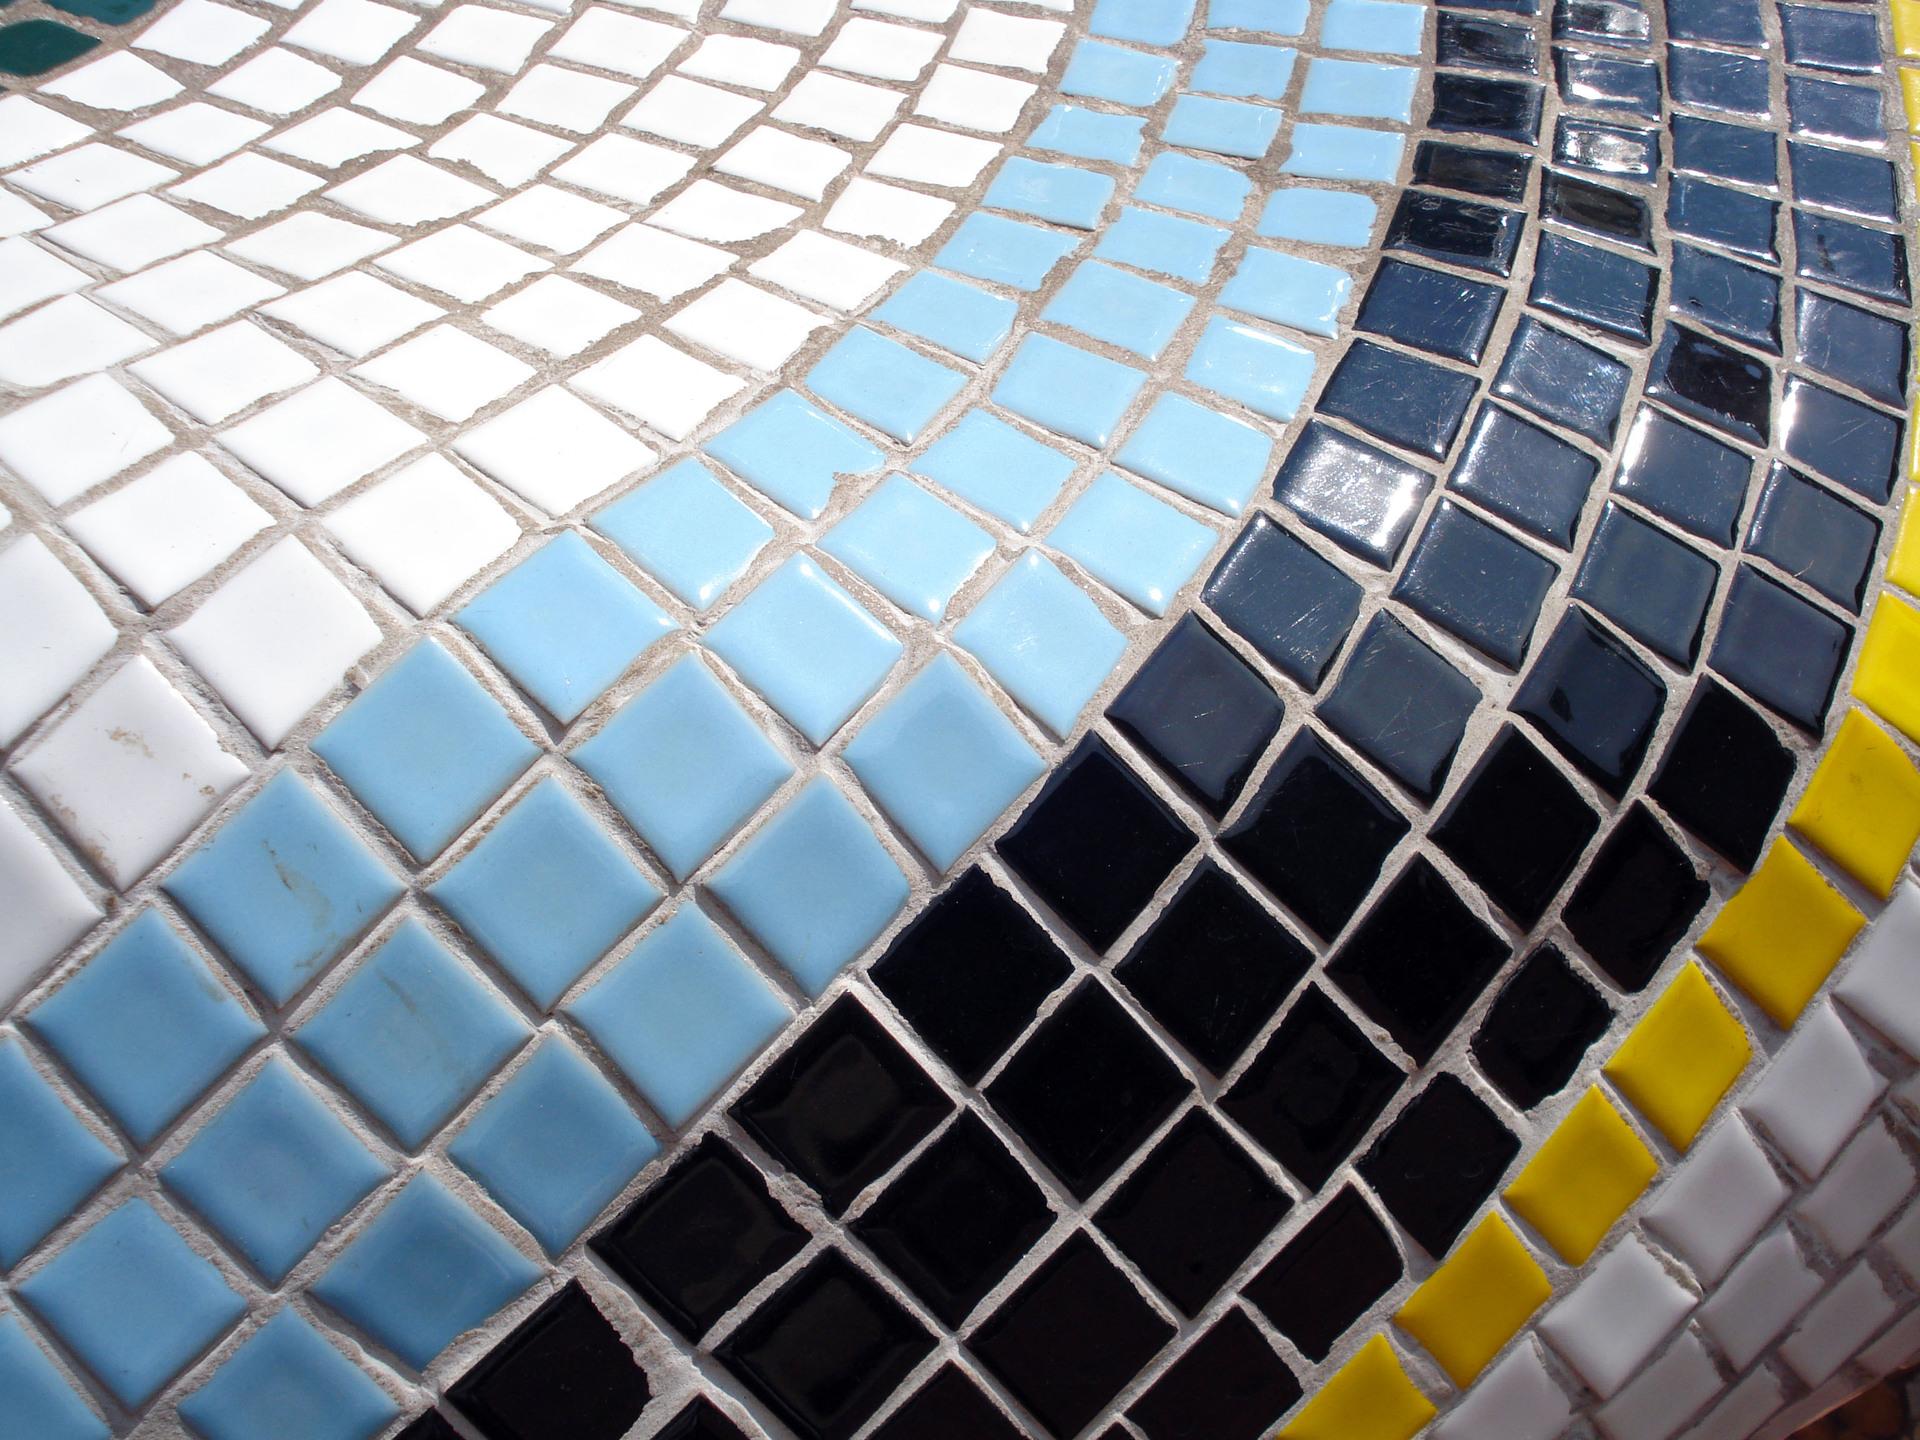 mosaic-2-1160938-1920x1440.jpg